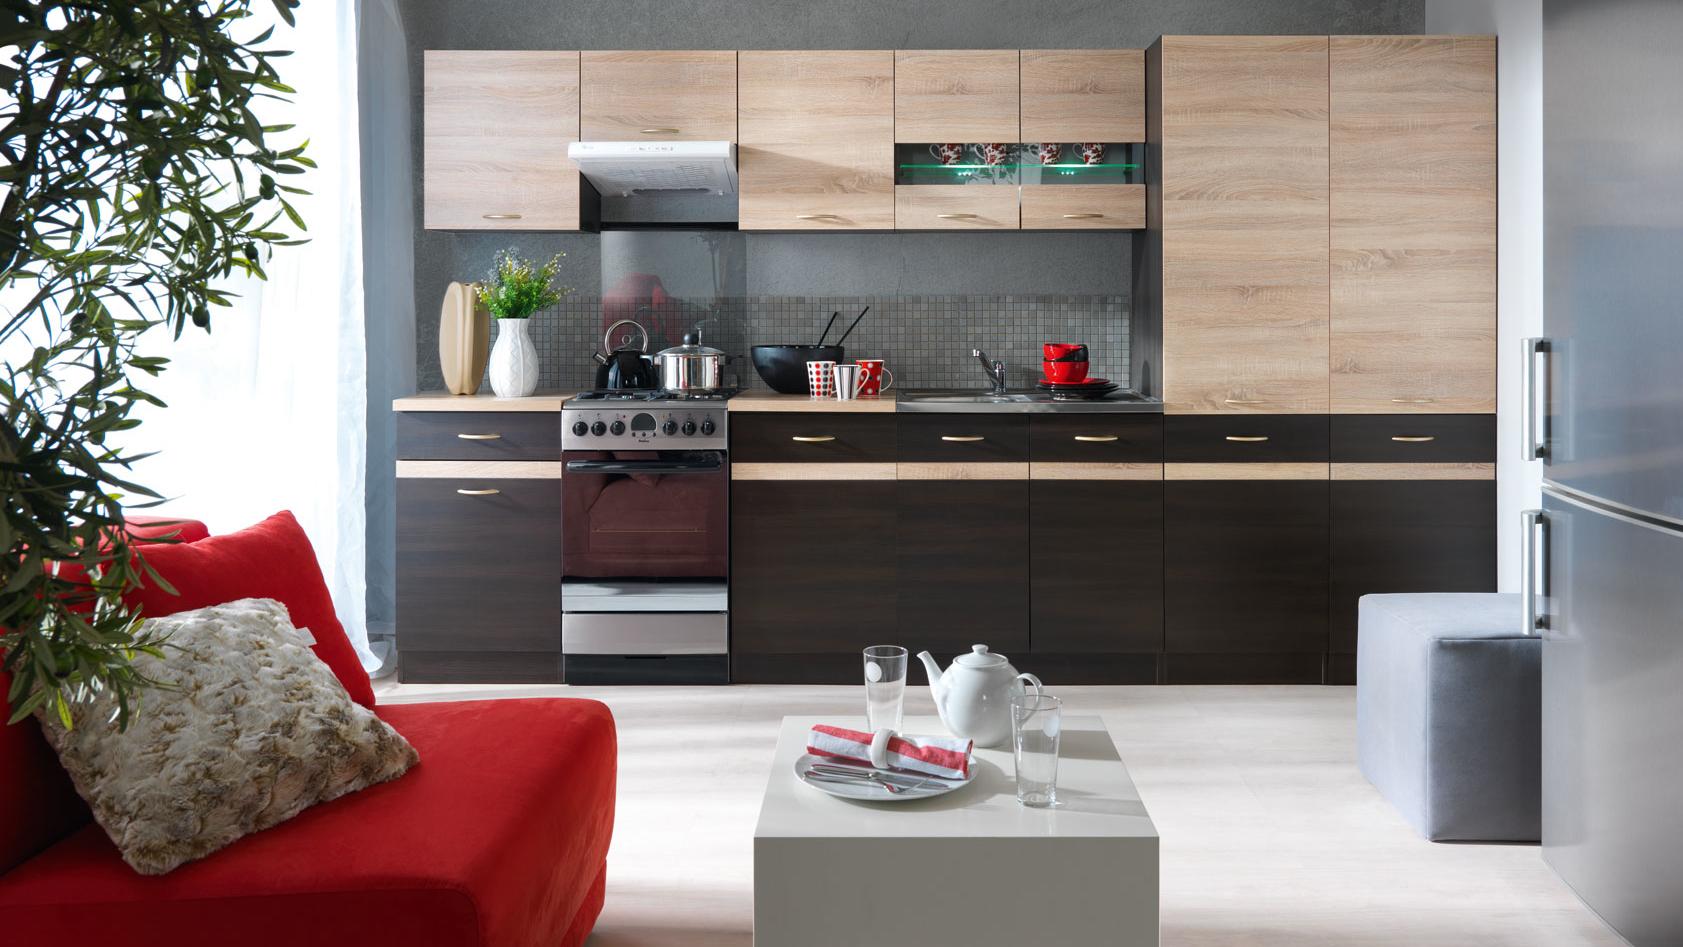 Zestawy kuchenne - Moduły kuchenne